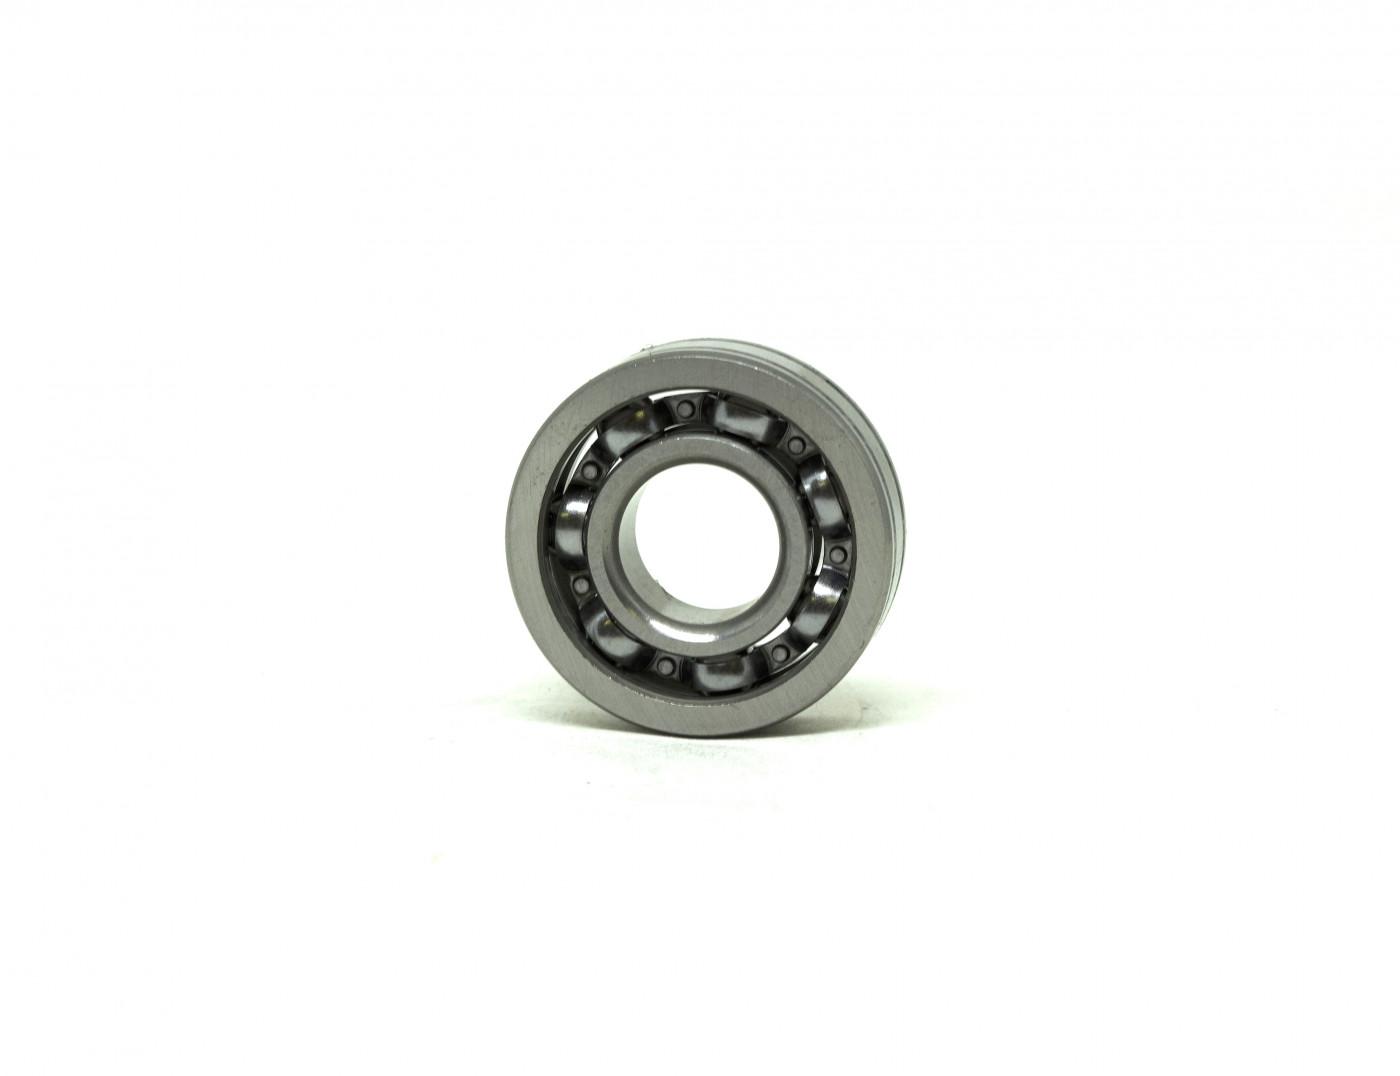 Ložisko klikové hřídele Stihl TS410 TS420 TS 410 TS 420 (9503 003 0351)